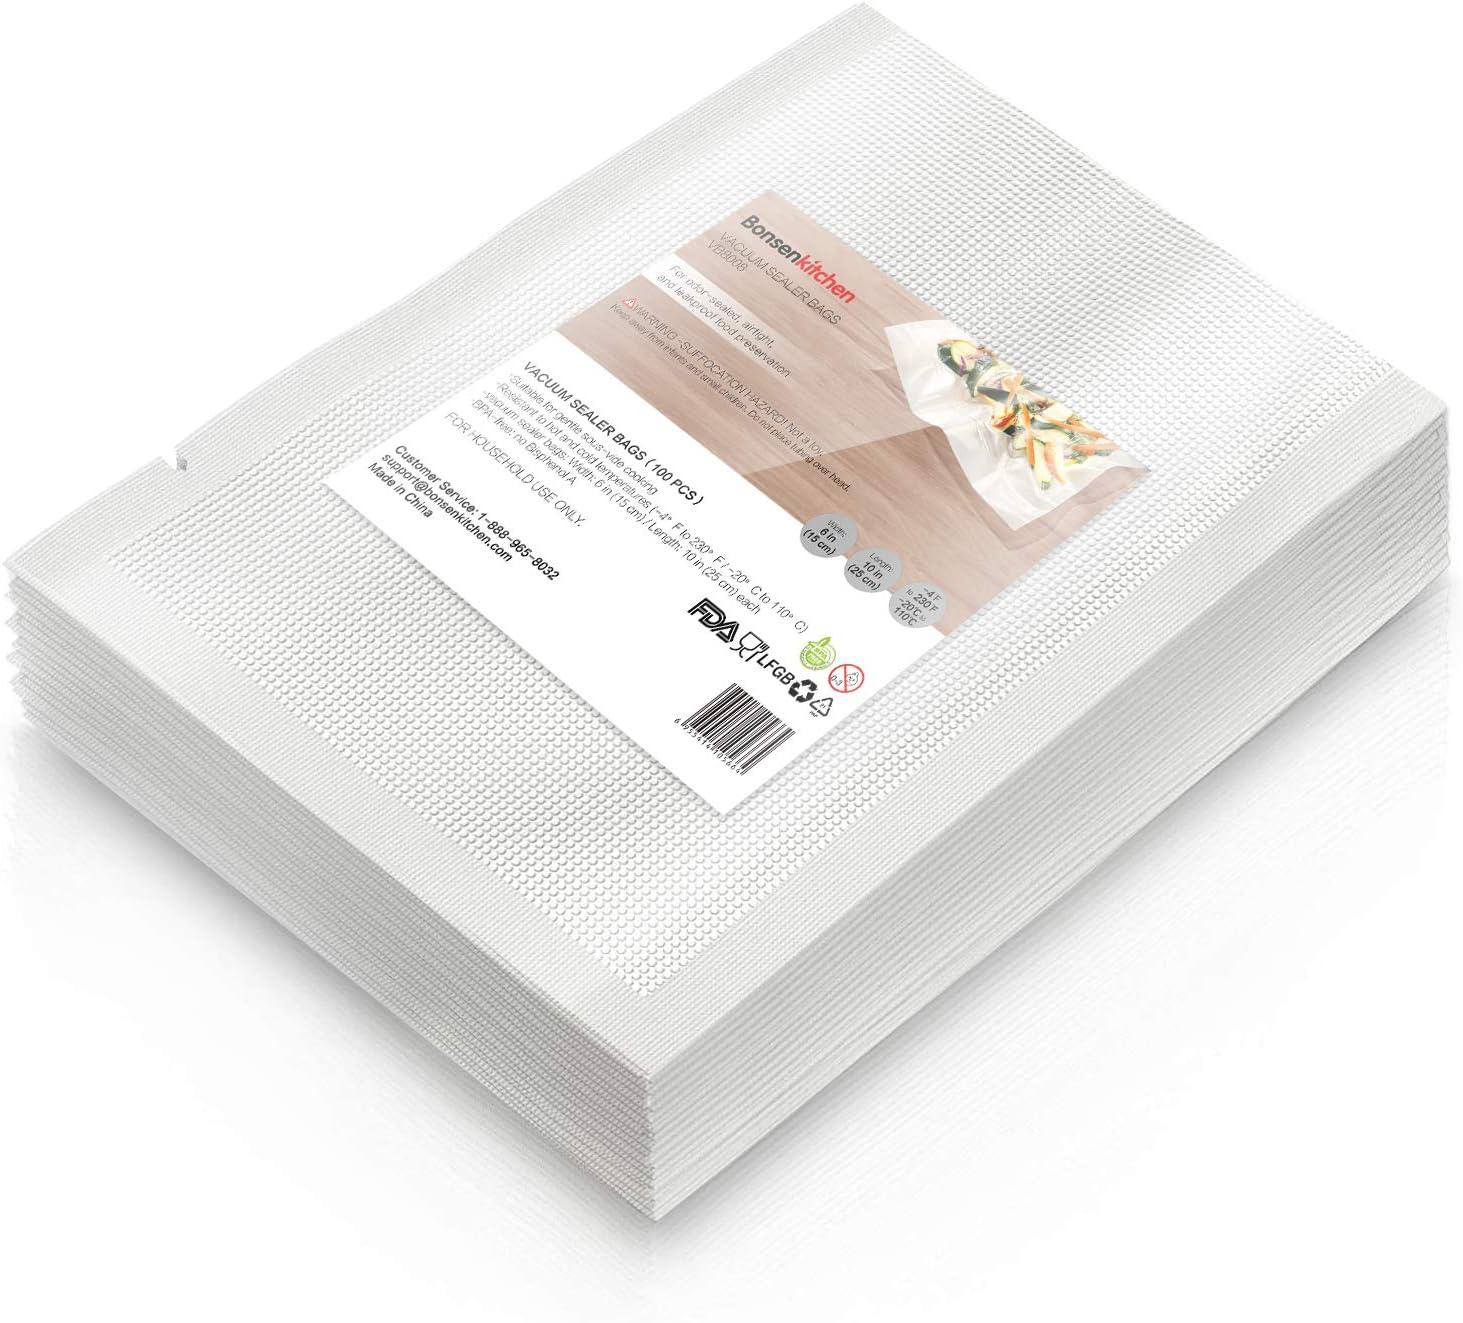 """Heavy Duty Vacuum Sealer Bags For Food, 100 Pint 6""""x 10"""" Food Saver Bag for FoodSaver, Seal a Meal, Geryon Vacuum Machine, Commercial Grade, BPA Free Vacuum Seal Bag Perfect for Sous Vide"""